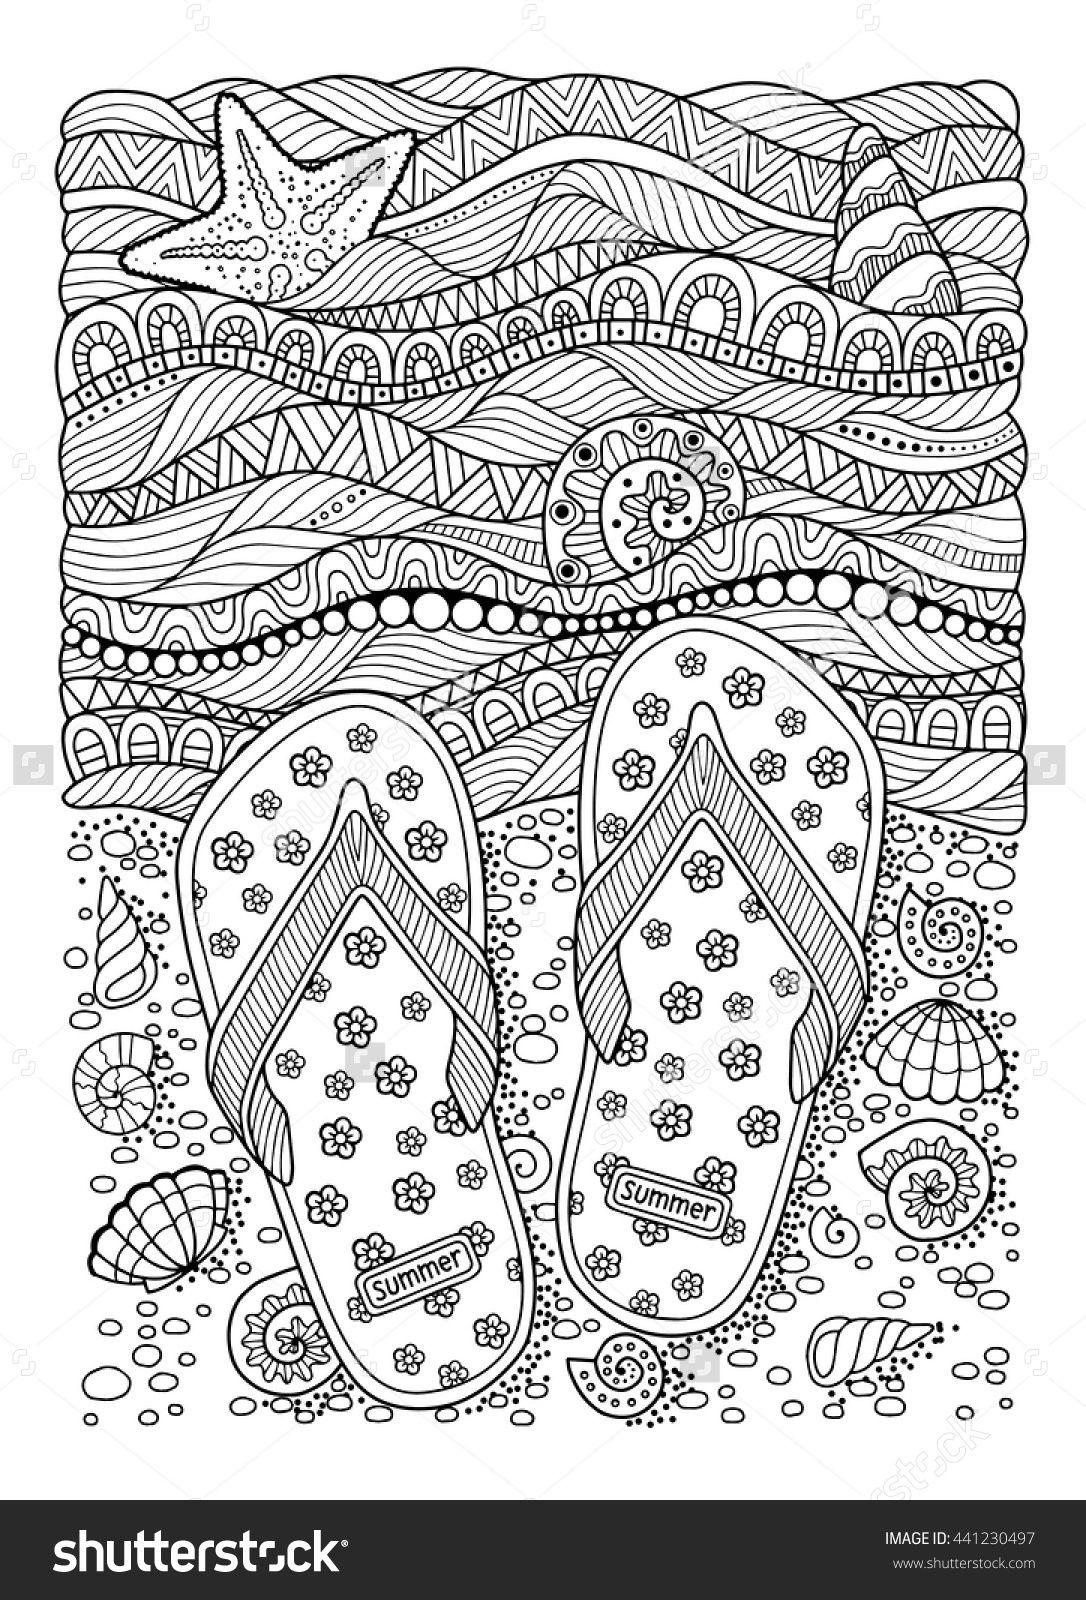 flip flop coloring page # 6